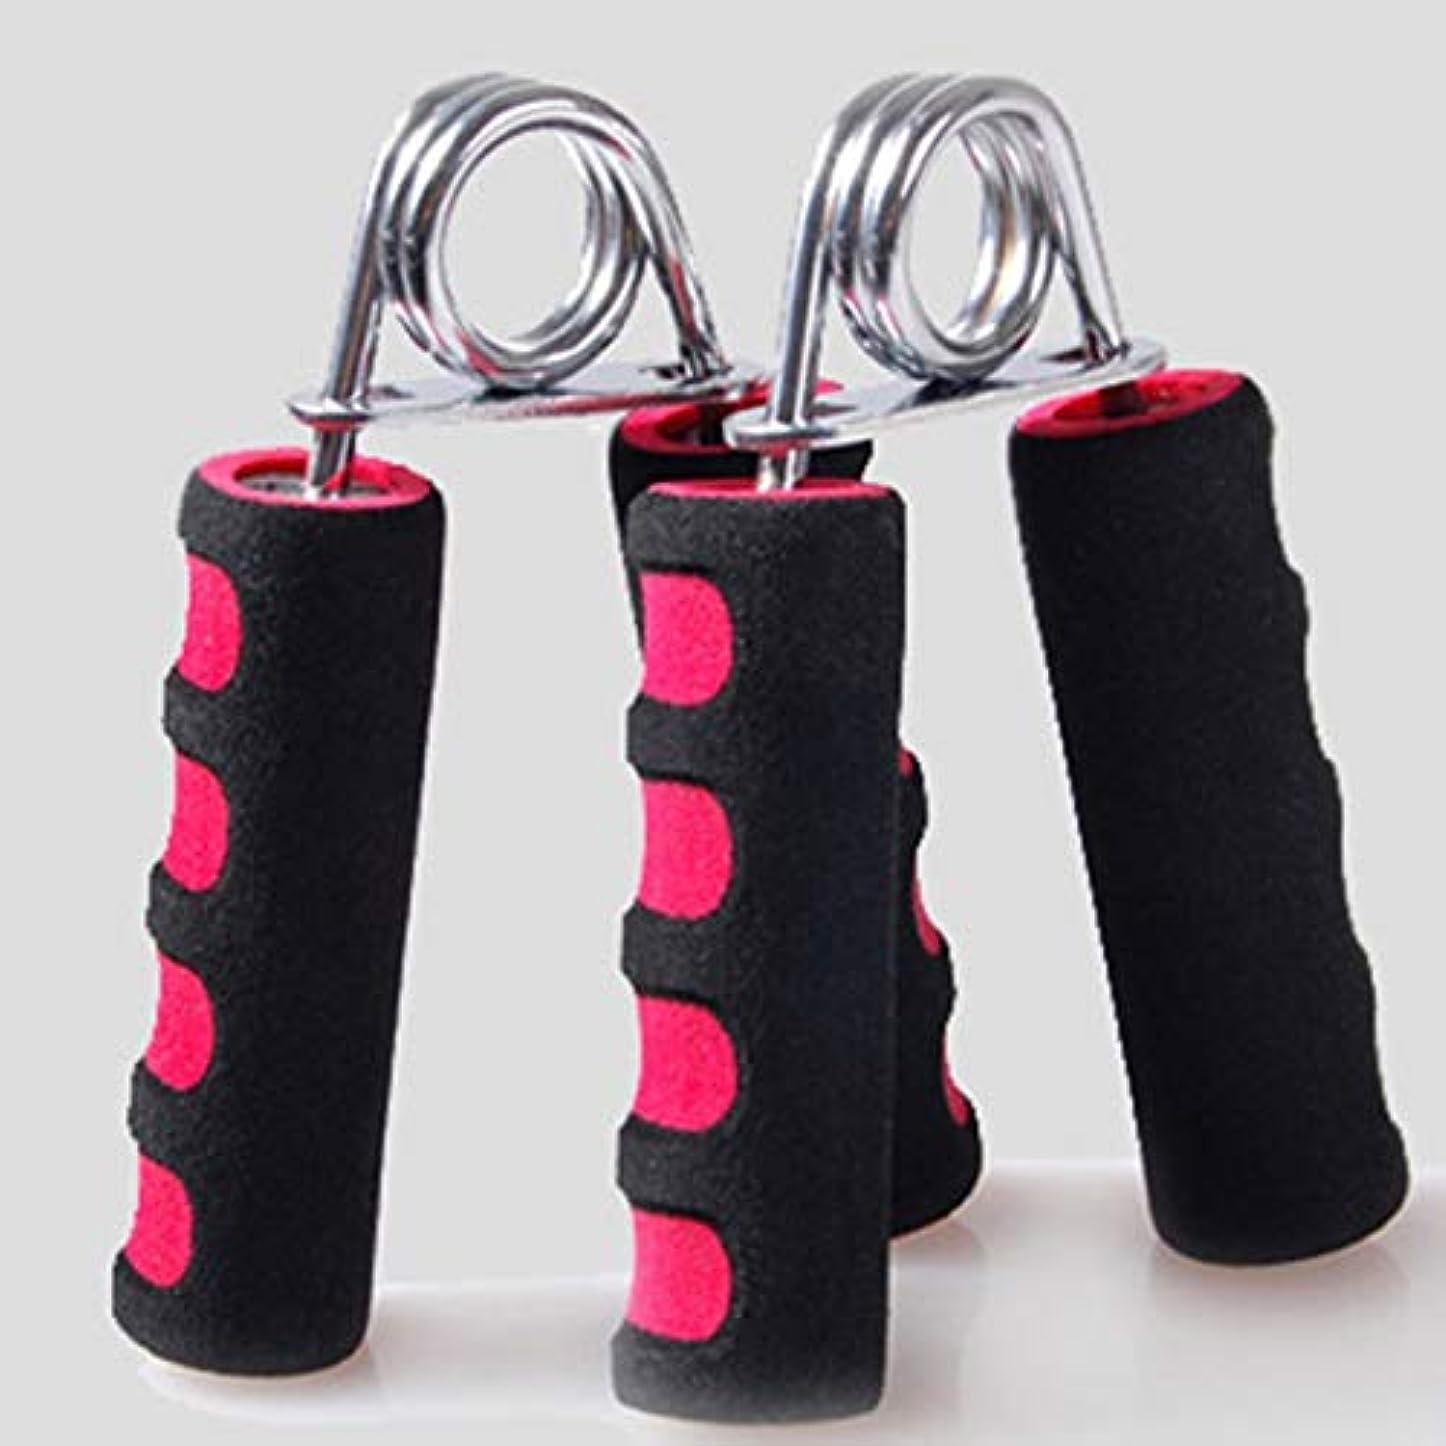 用語集電気技師慎重体操および毎日の練習のための手のグリッパーの腕の手首の運動者の適性のグリップの頑丈なトレーナー